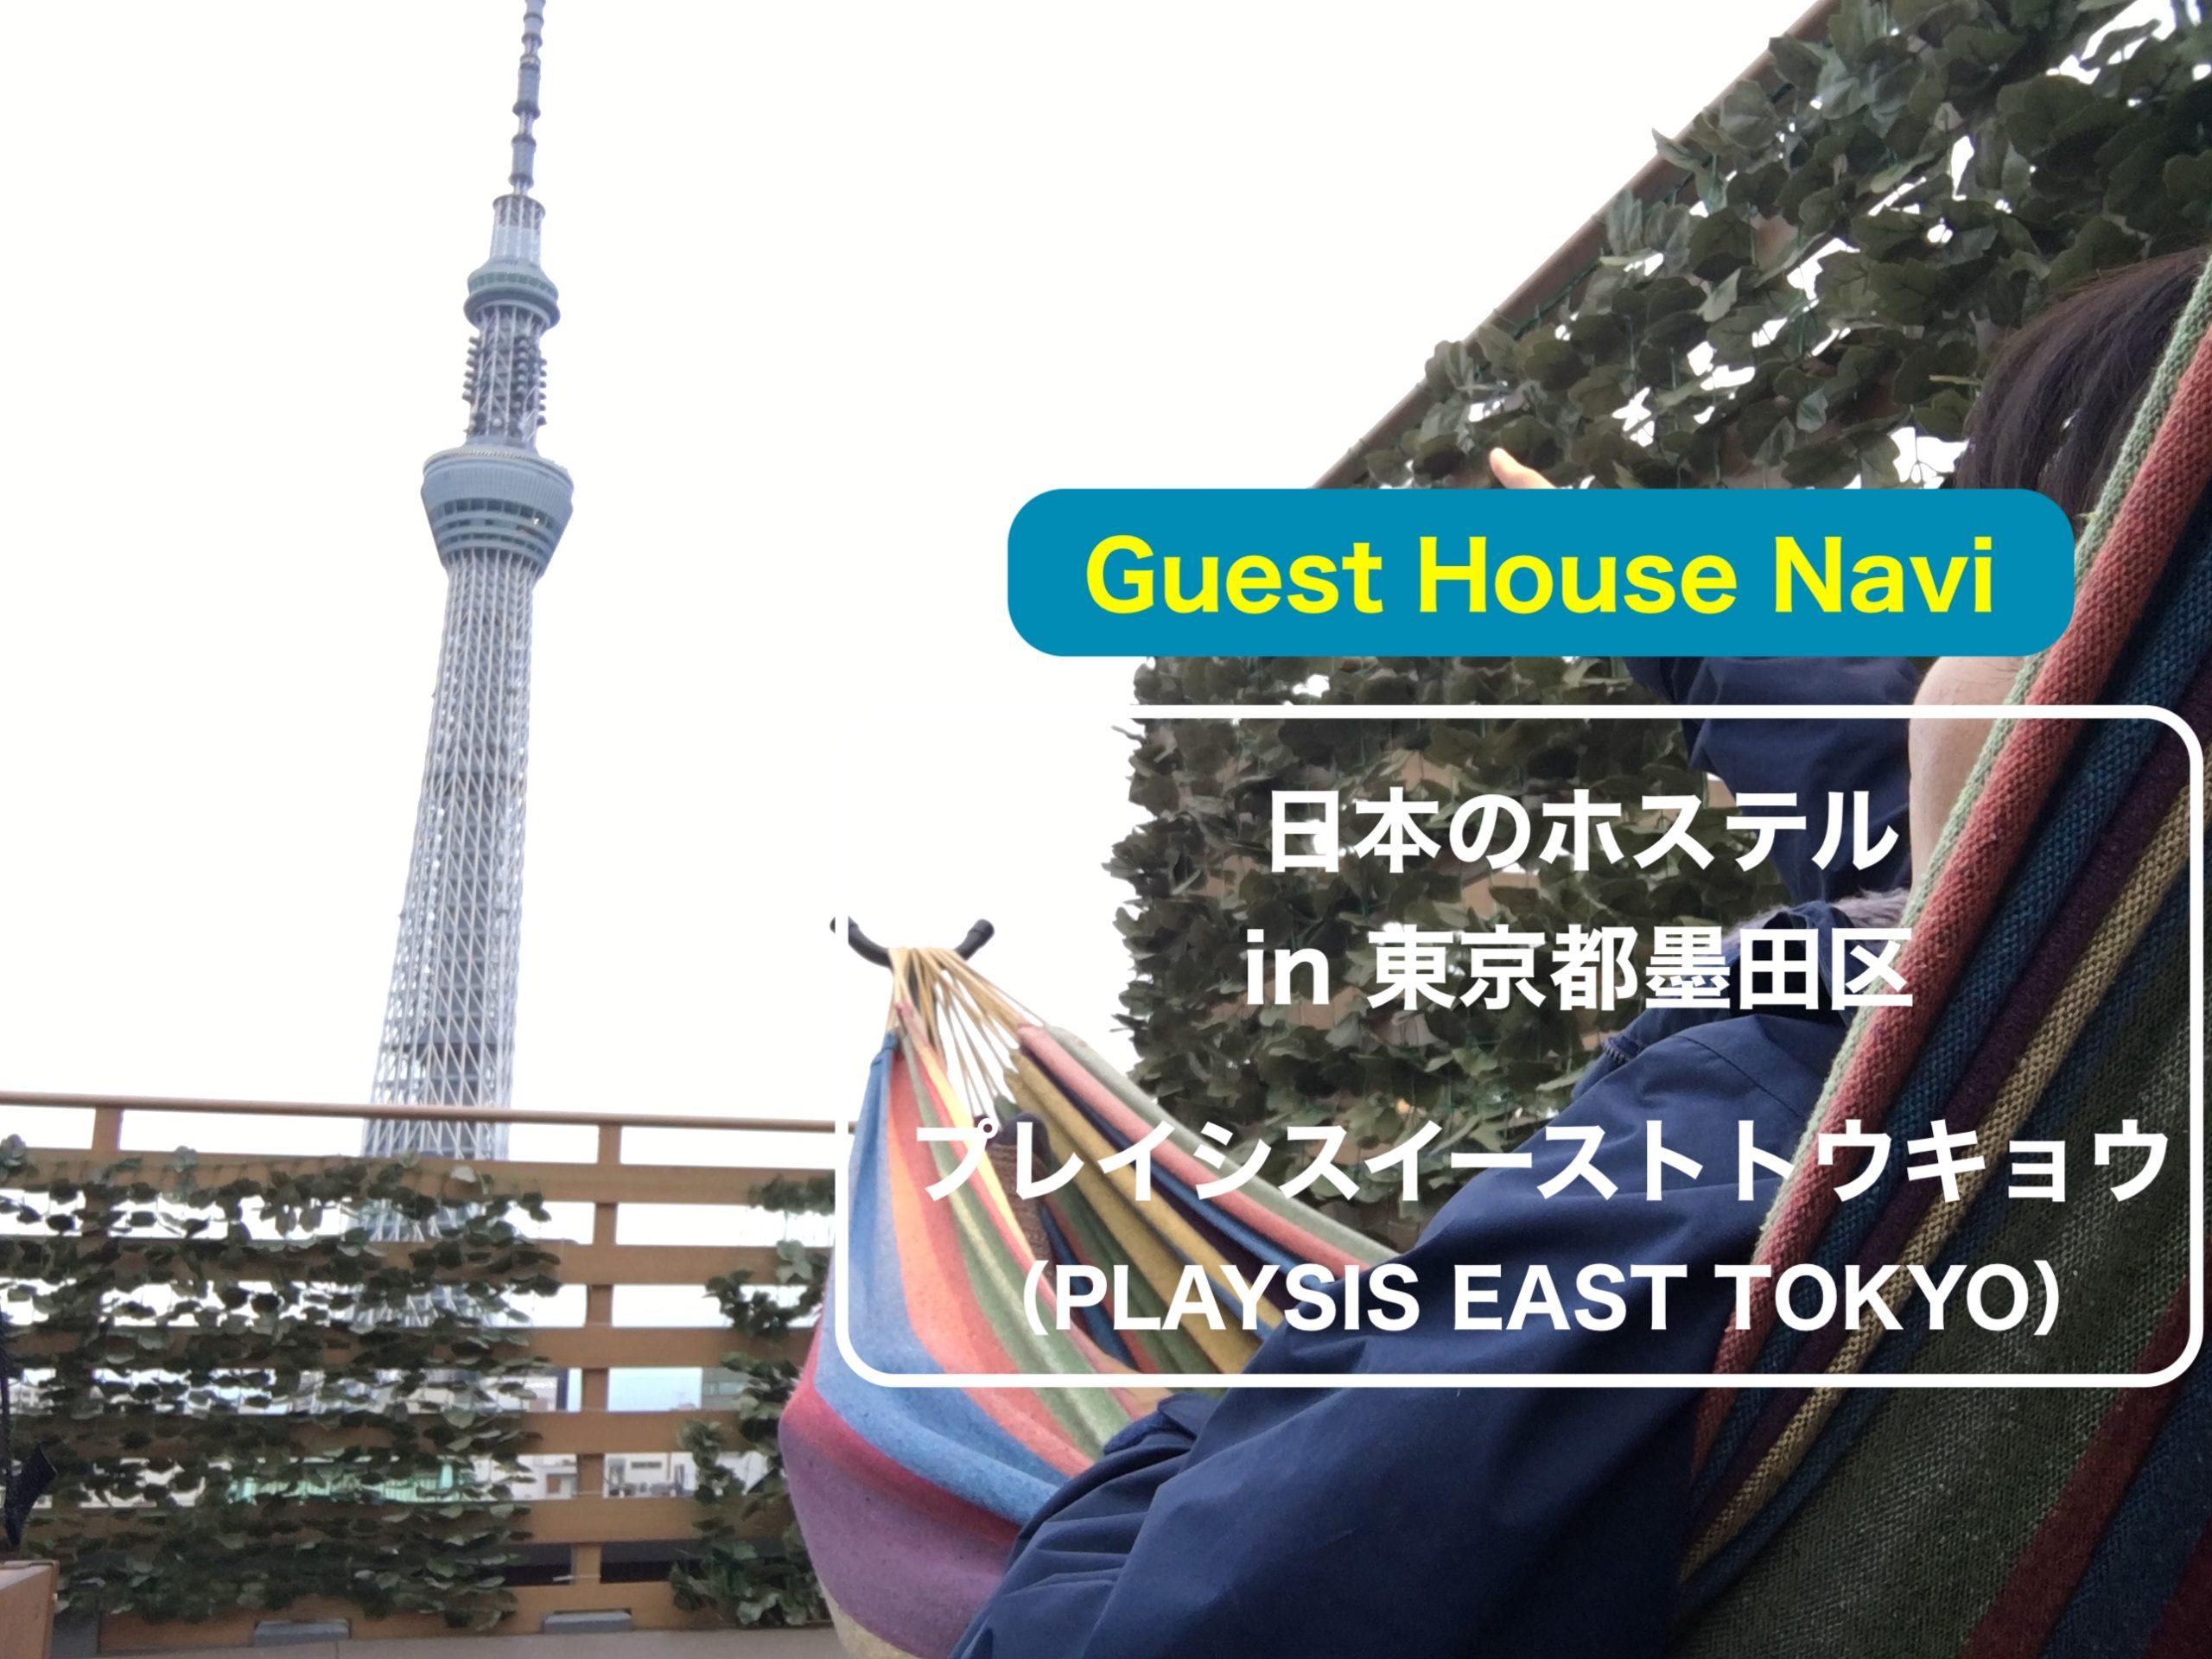 【東京のホステル】プレイシス ホステルイーストトウキョウ(PLAYSIS Hostel EAST YOKYO)をご紹介します。